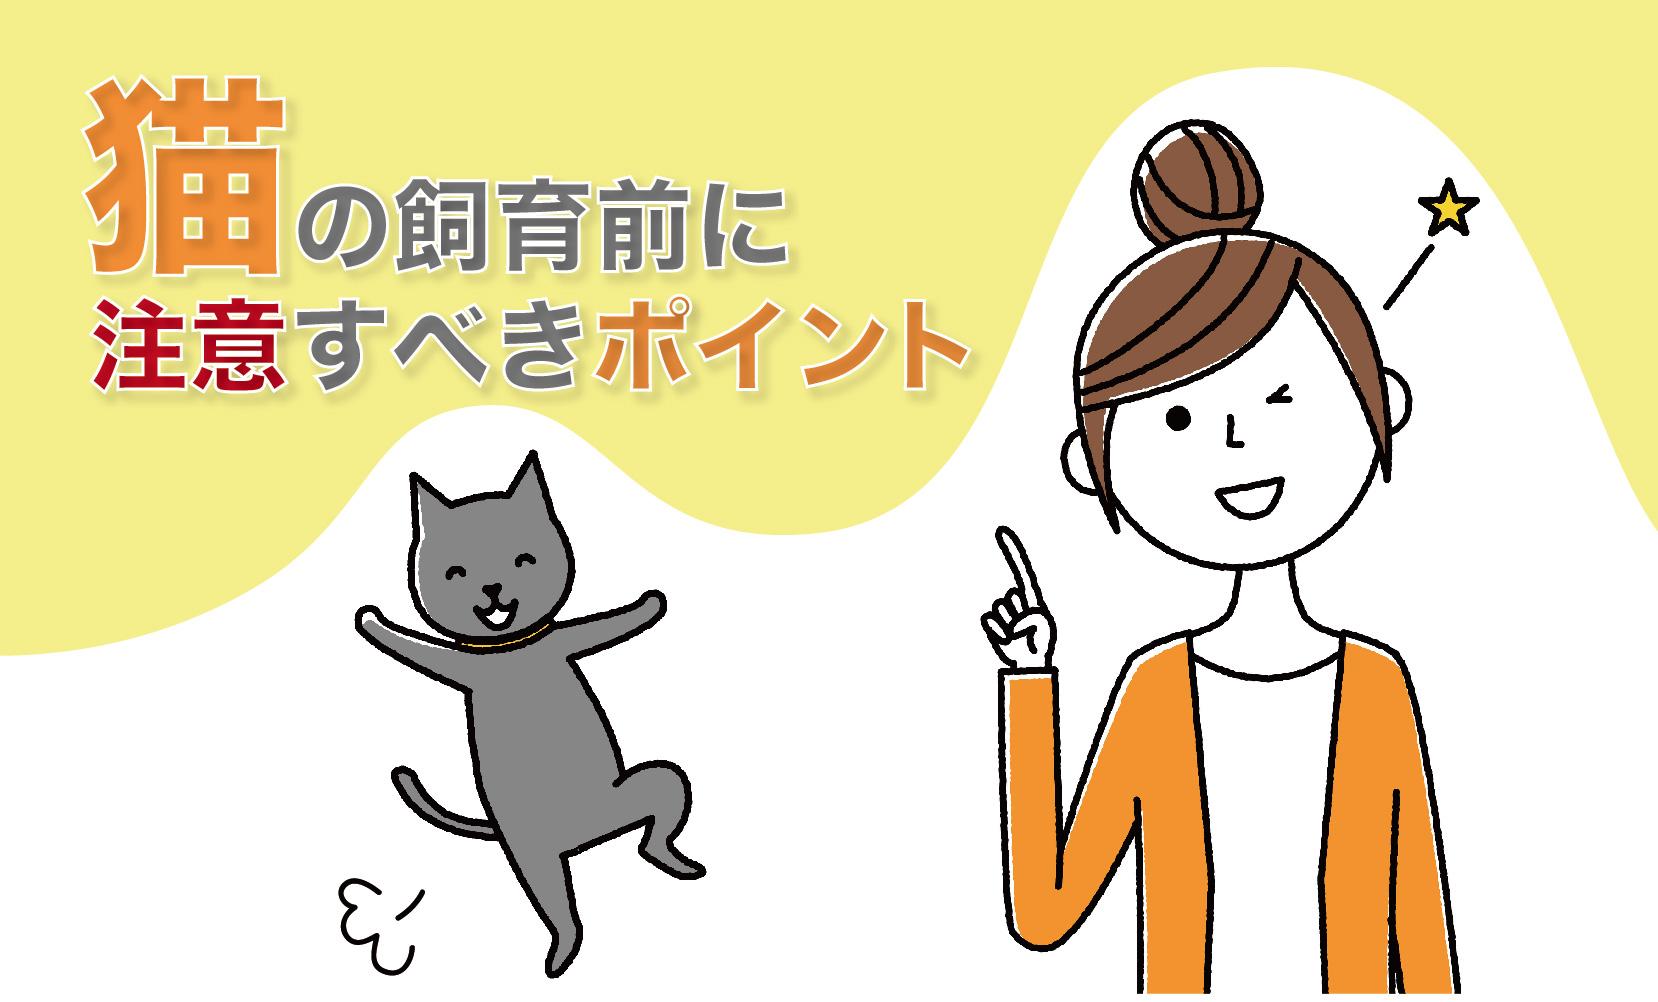 猫の飼育前に注意すべきポイント